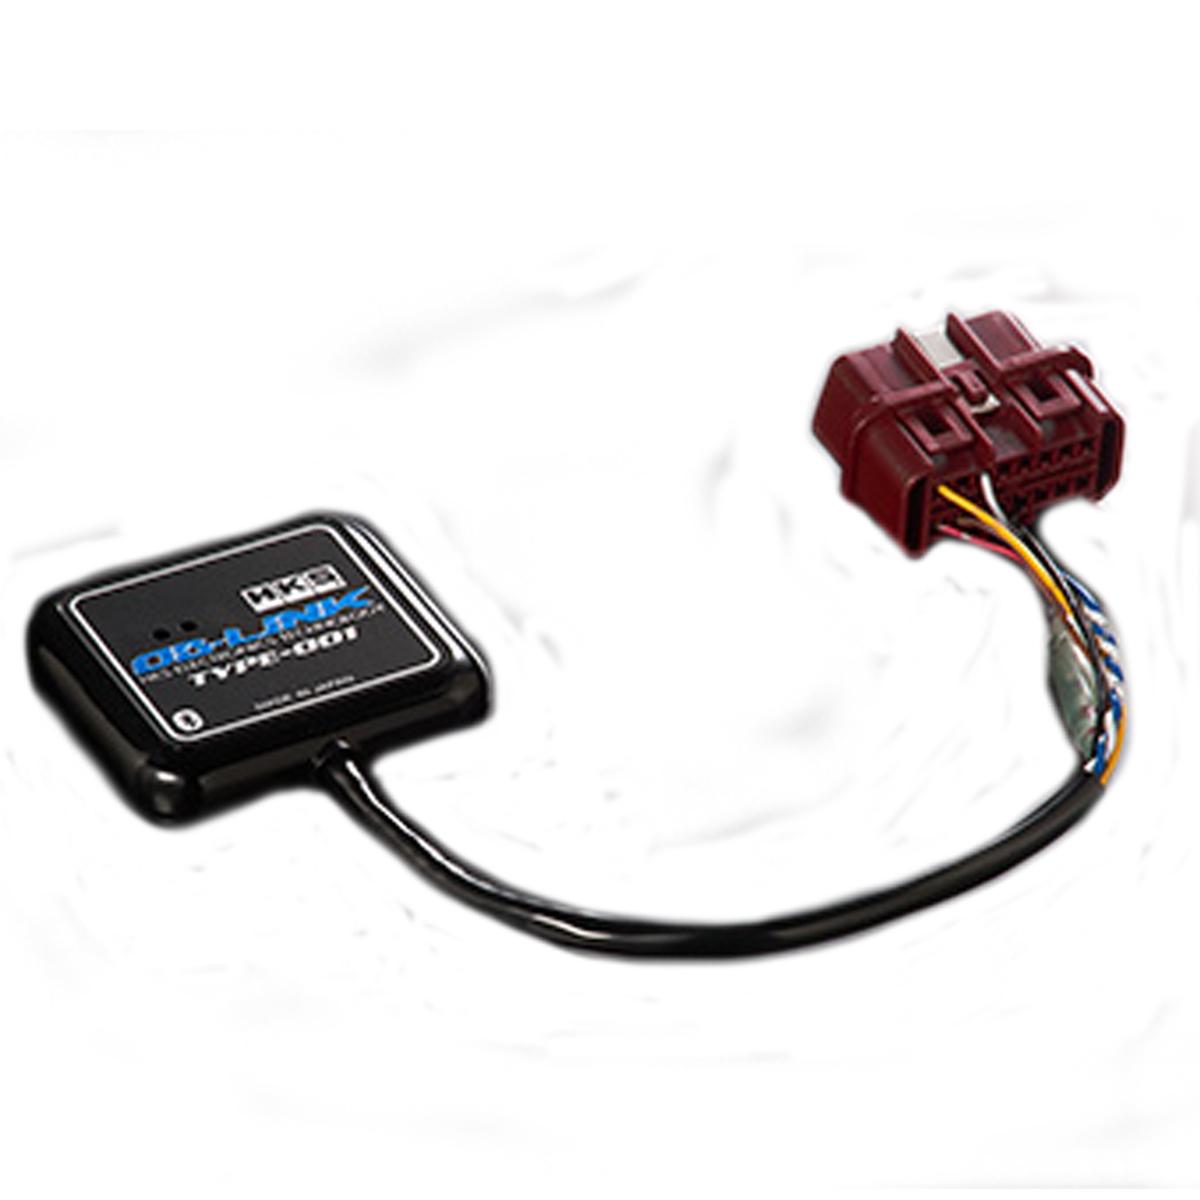 フォルクス ワーゲン モニター OBリンク タイプ 001 1KBLX HKS 44009-AK002 エレクトリニクス 個人宅発送追金有